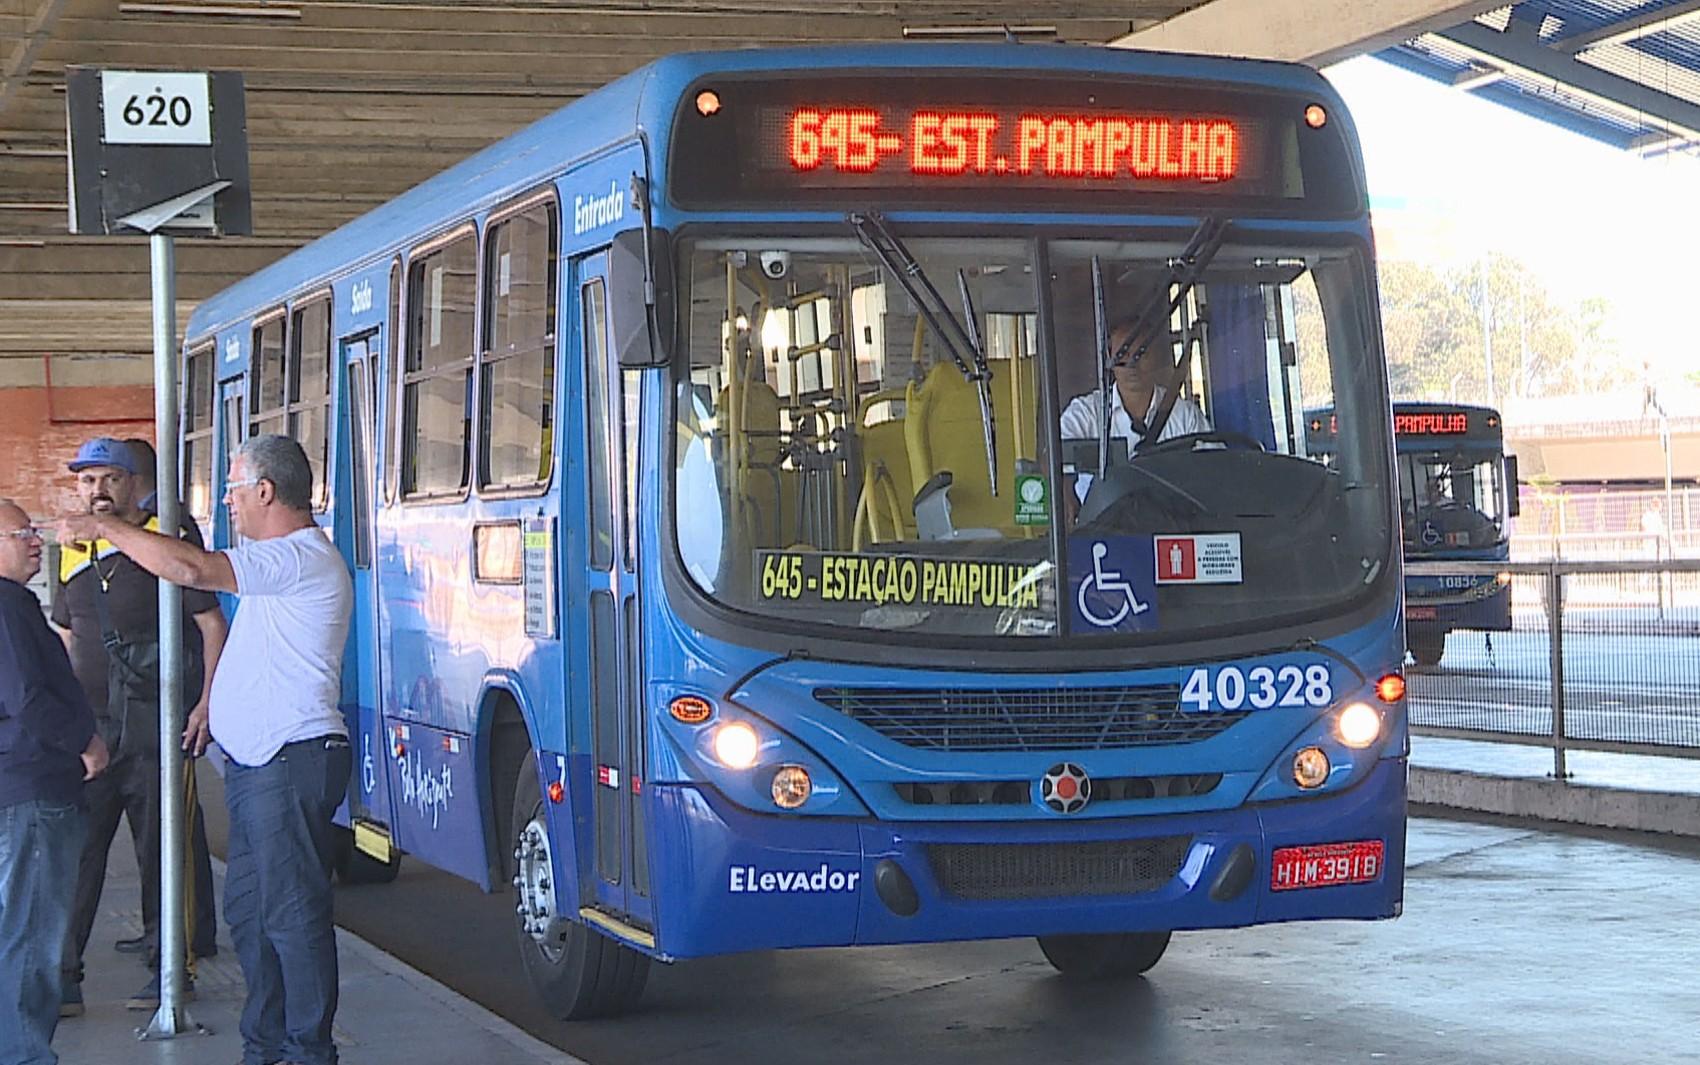 Empresa investigada por fraudar licitação de ônibus em BH fez operação semelhante em Governador Valadares